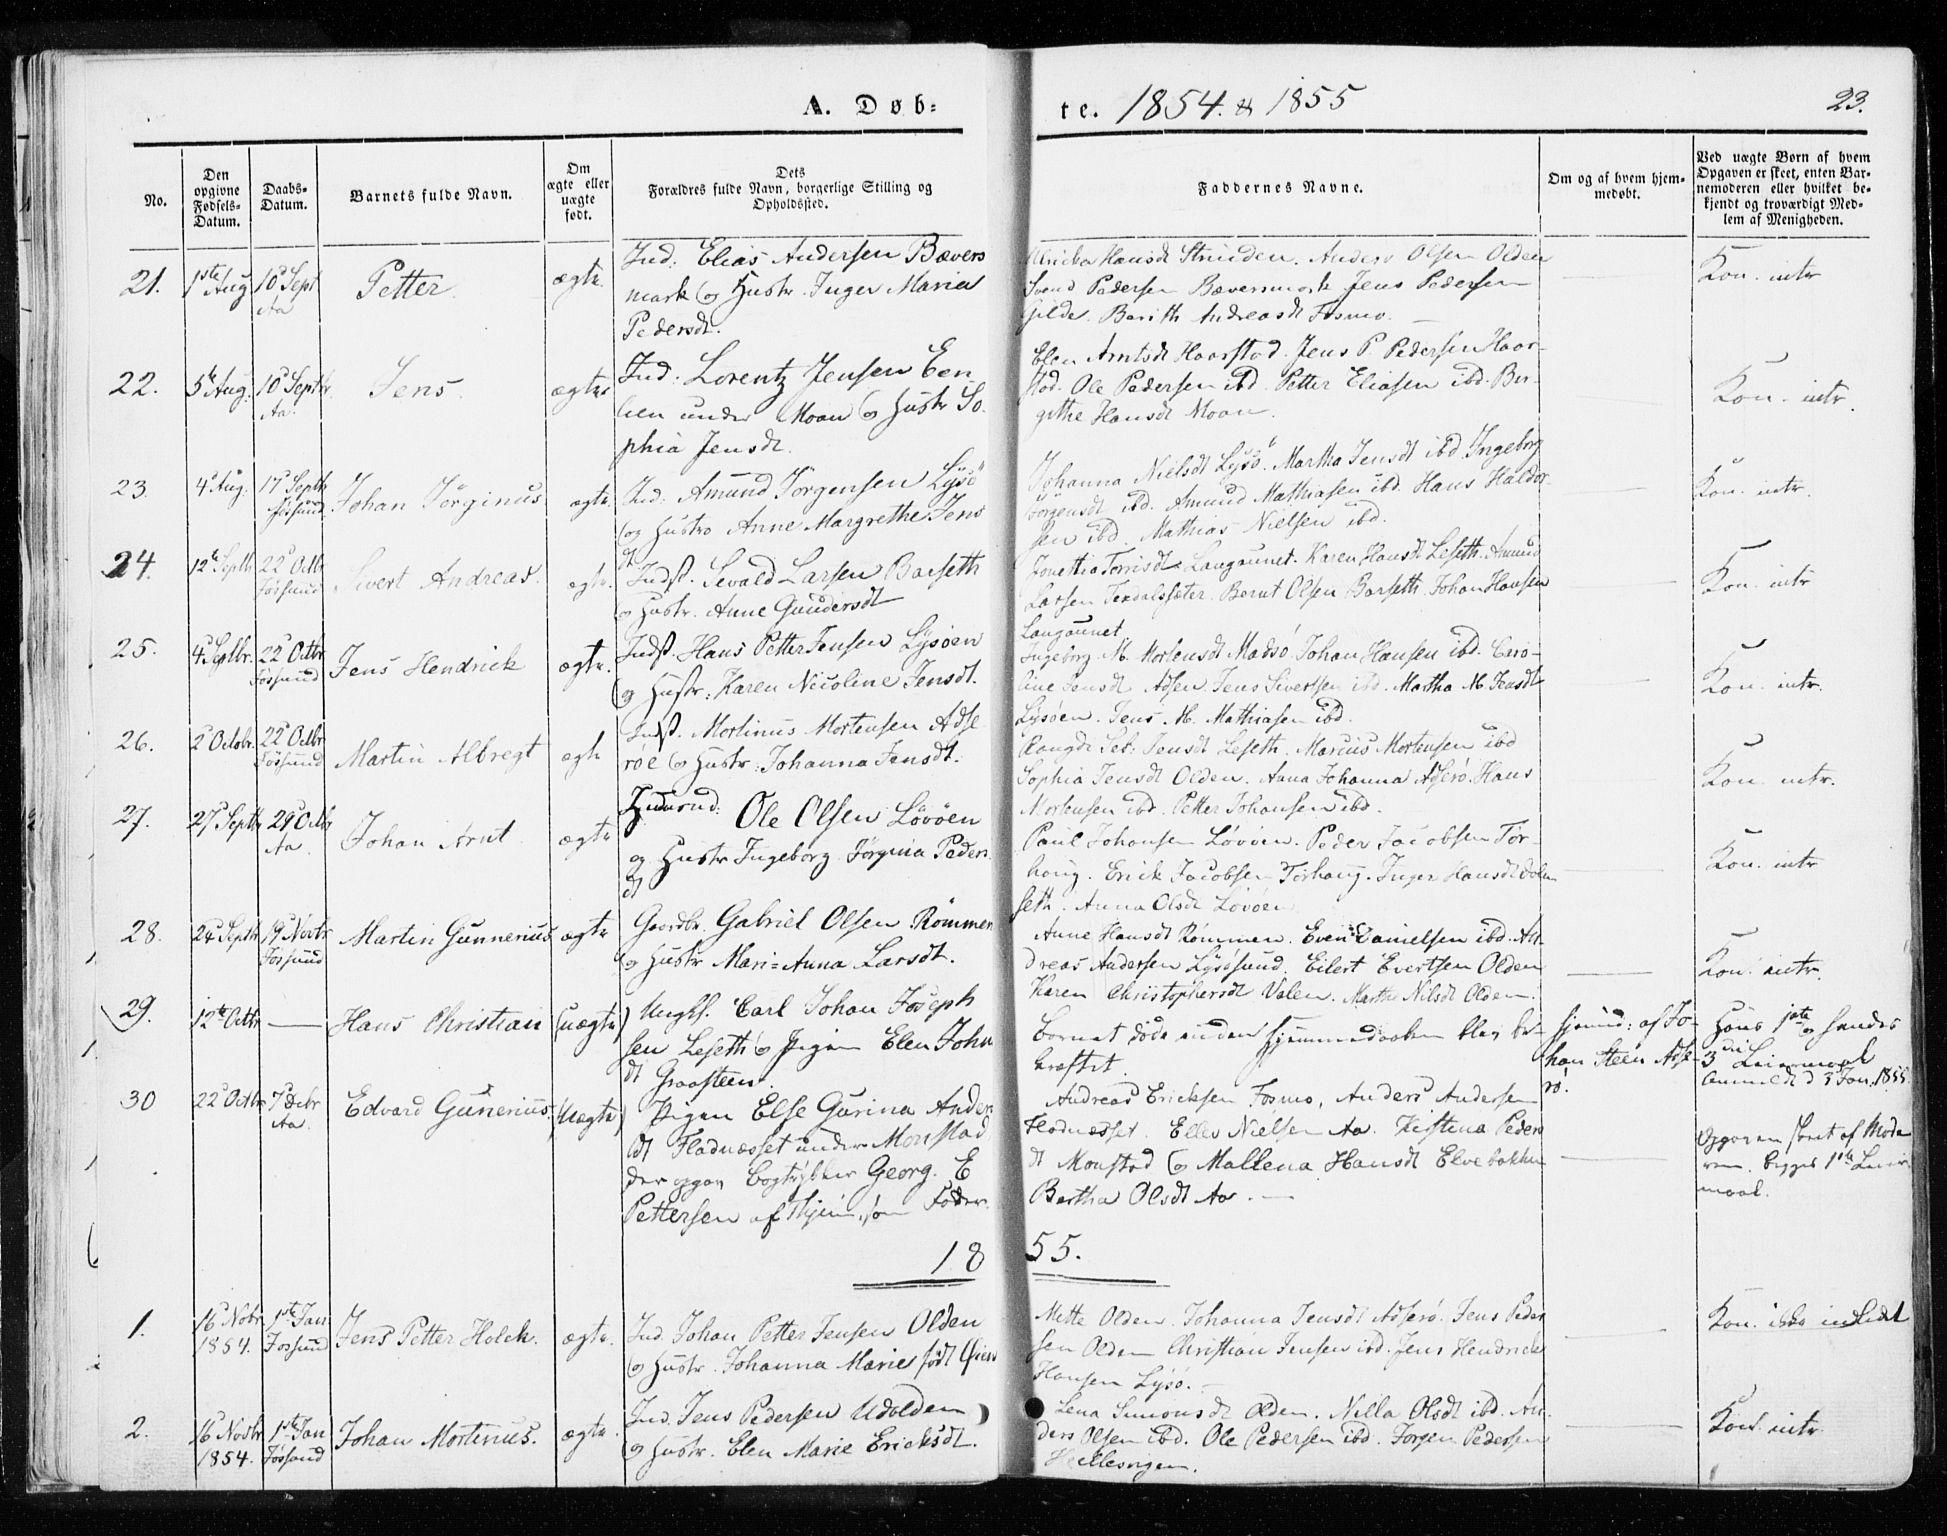 SAT, Ministerialprotokoller, klokkerbøker og fødselsregistre - Sør-Trøndelag, 655/L0677: Ministerialbok nr. 655A06, 1847-1860, s. 23